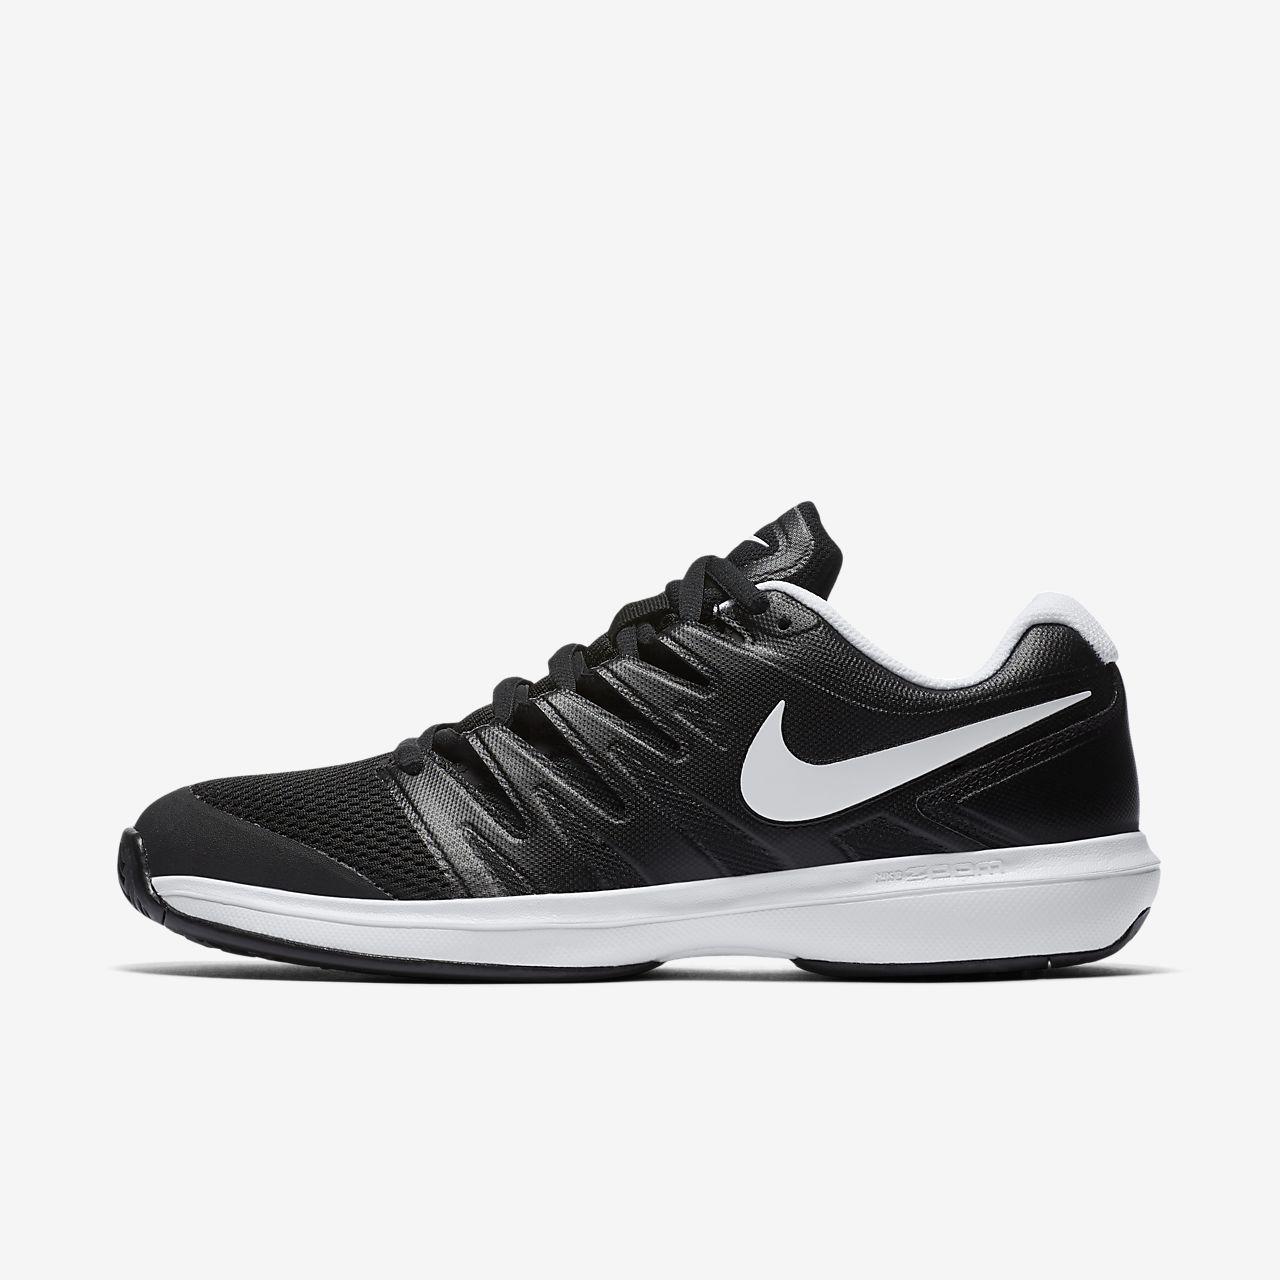 new arrival 36387 96d27 ... Męskie buty do tenisa na twarde korty NikeCourt Air Zoom Prestige